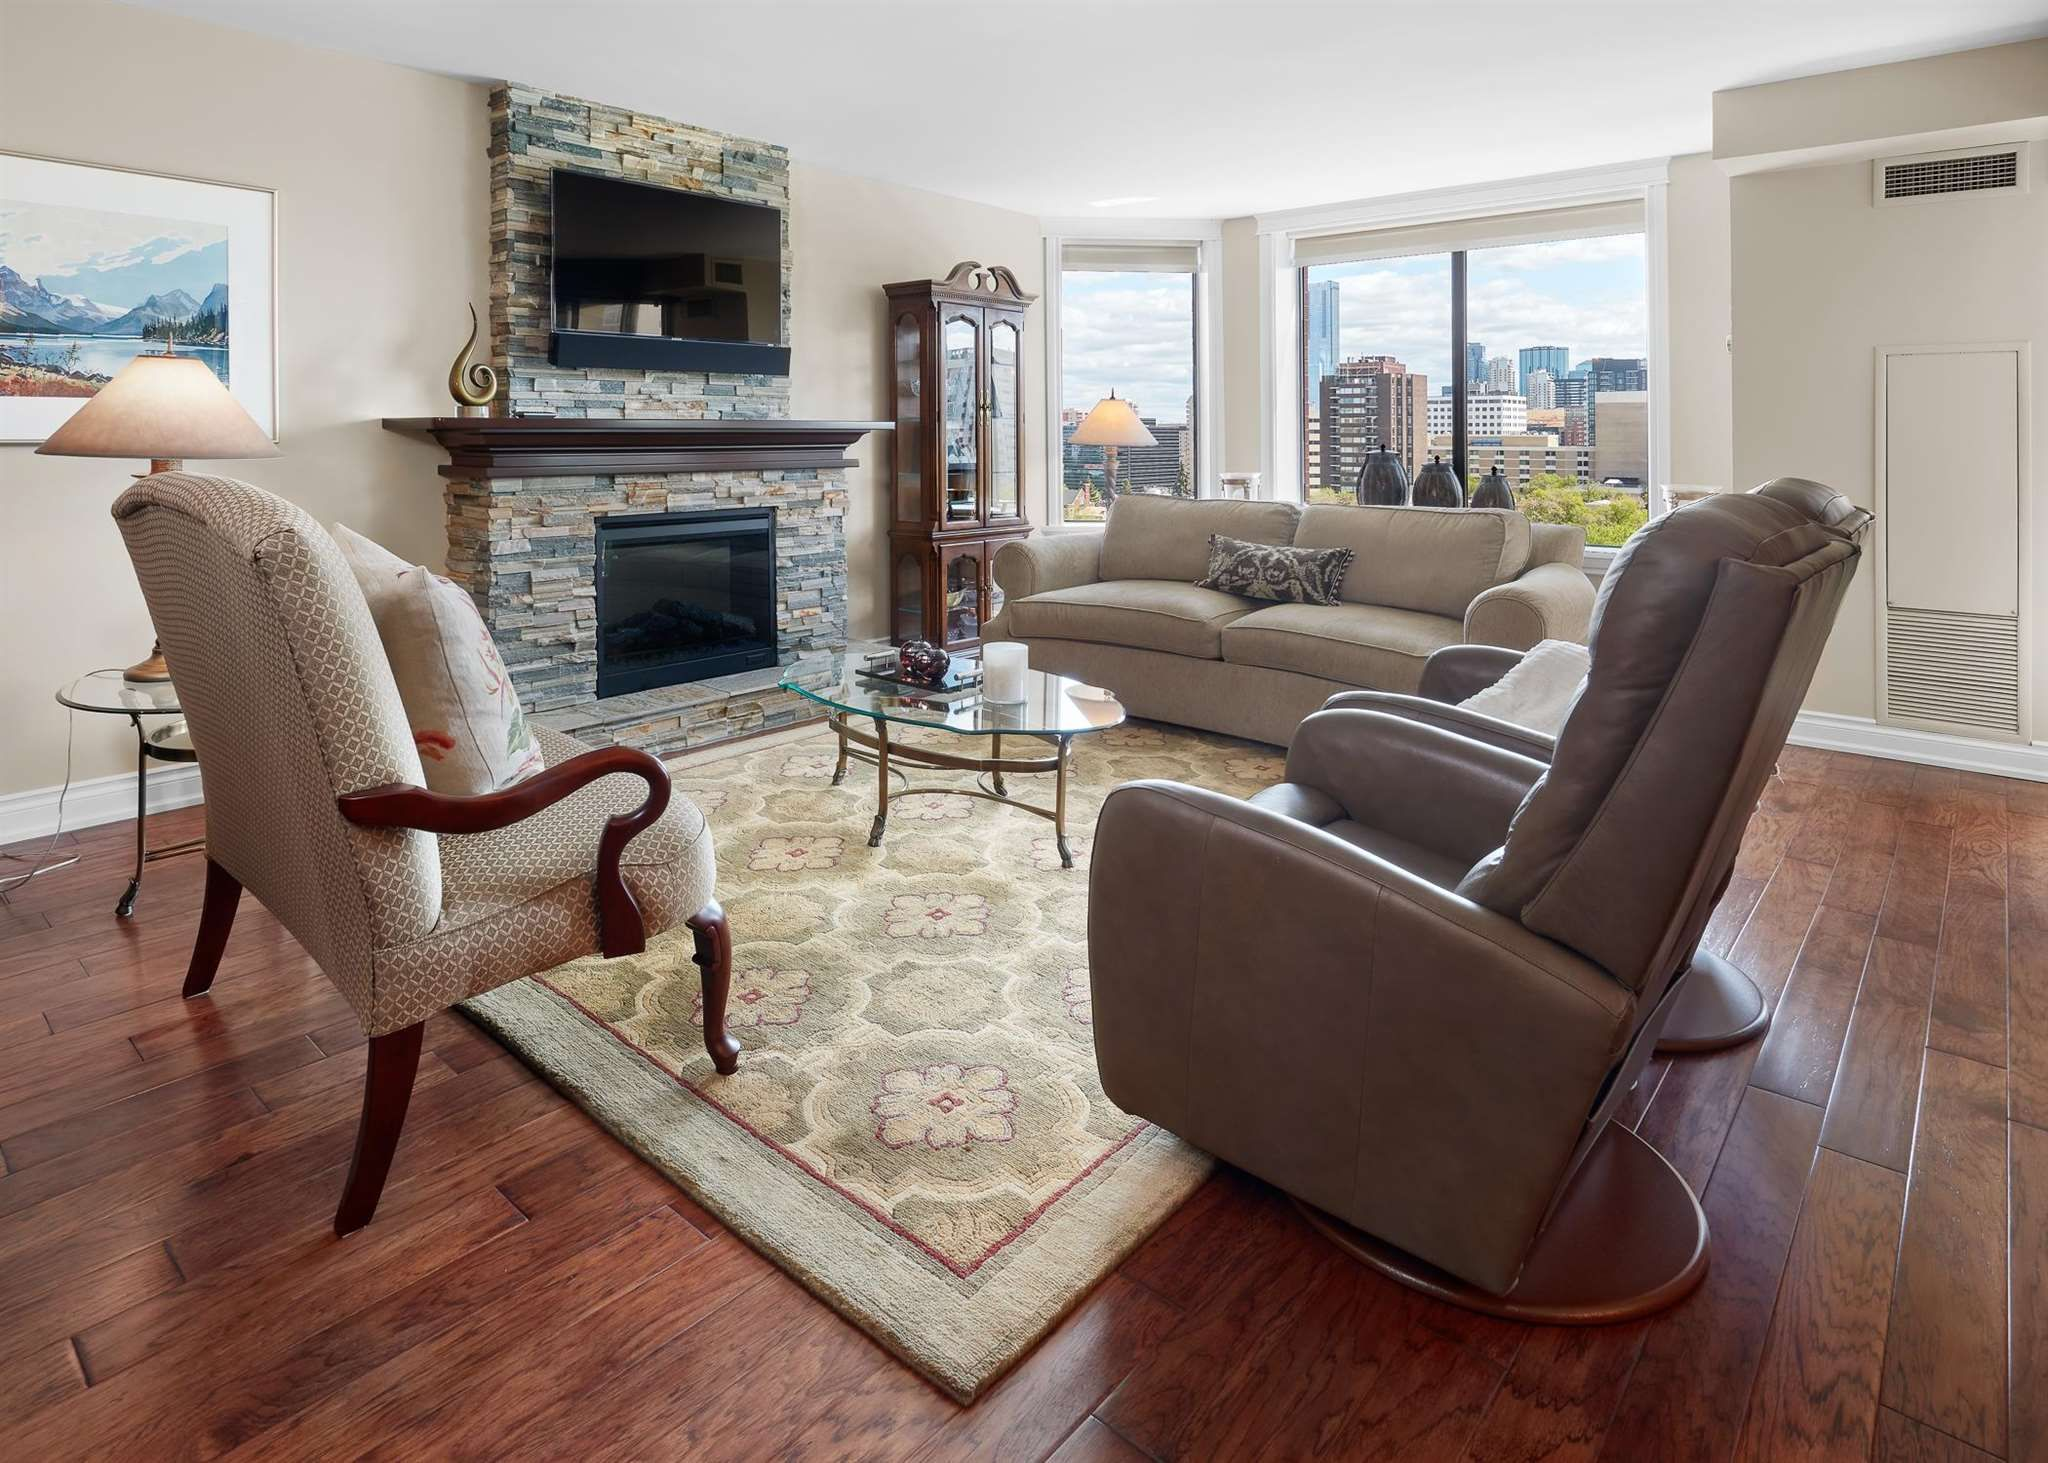 Main Photo: 1103 11503 100 Avenue in Edmonton: Zone 12 Condo for sale : MLS®# E4247570